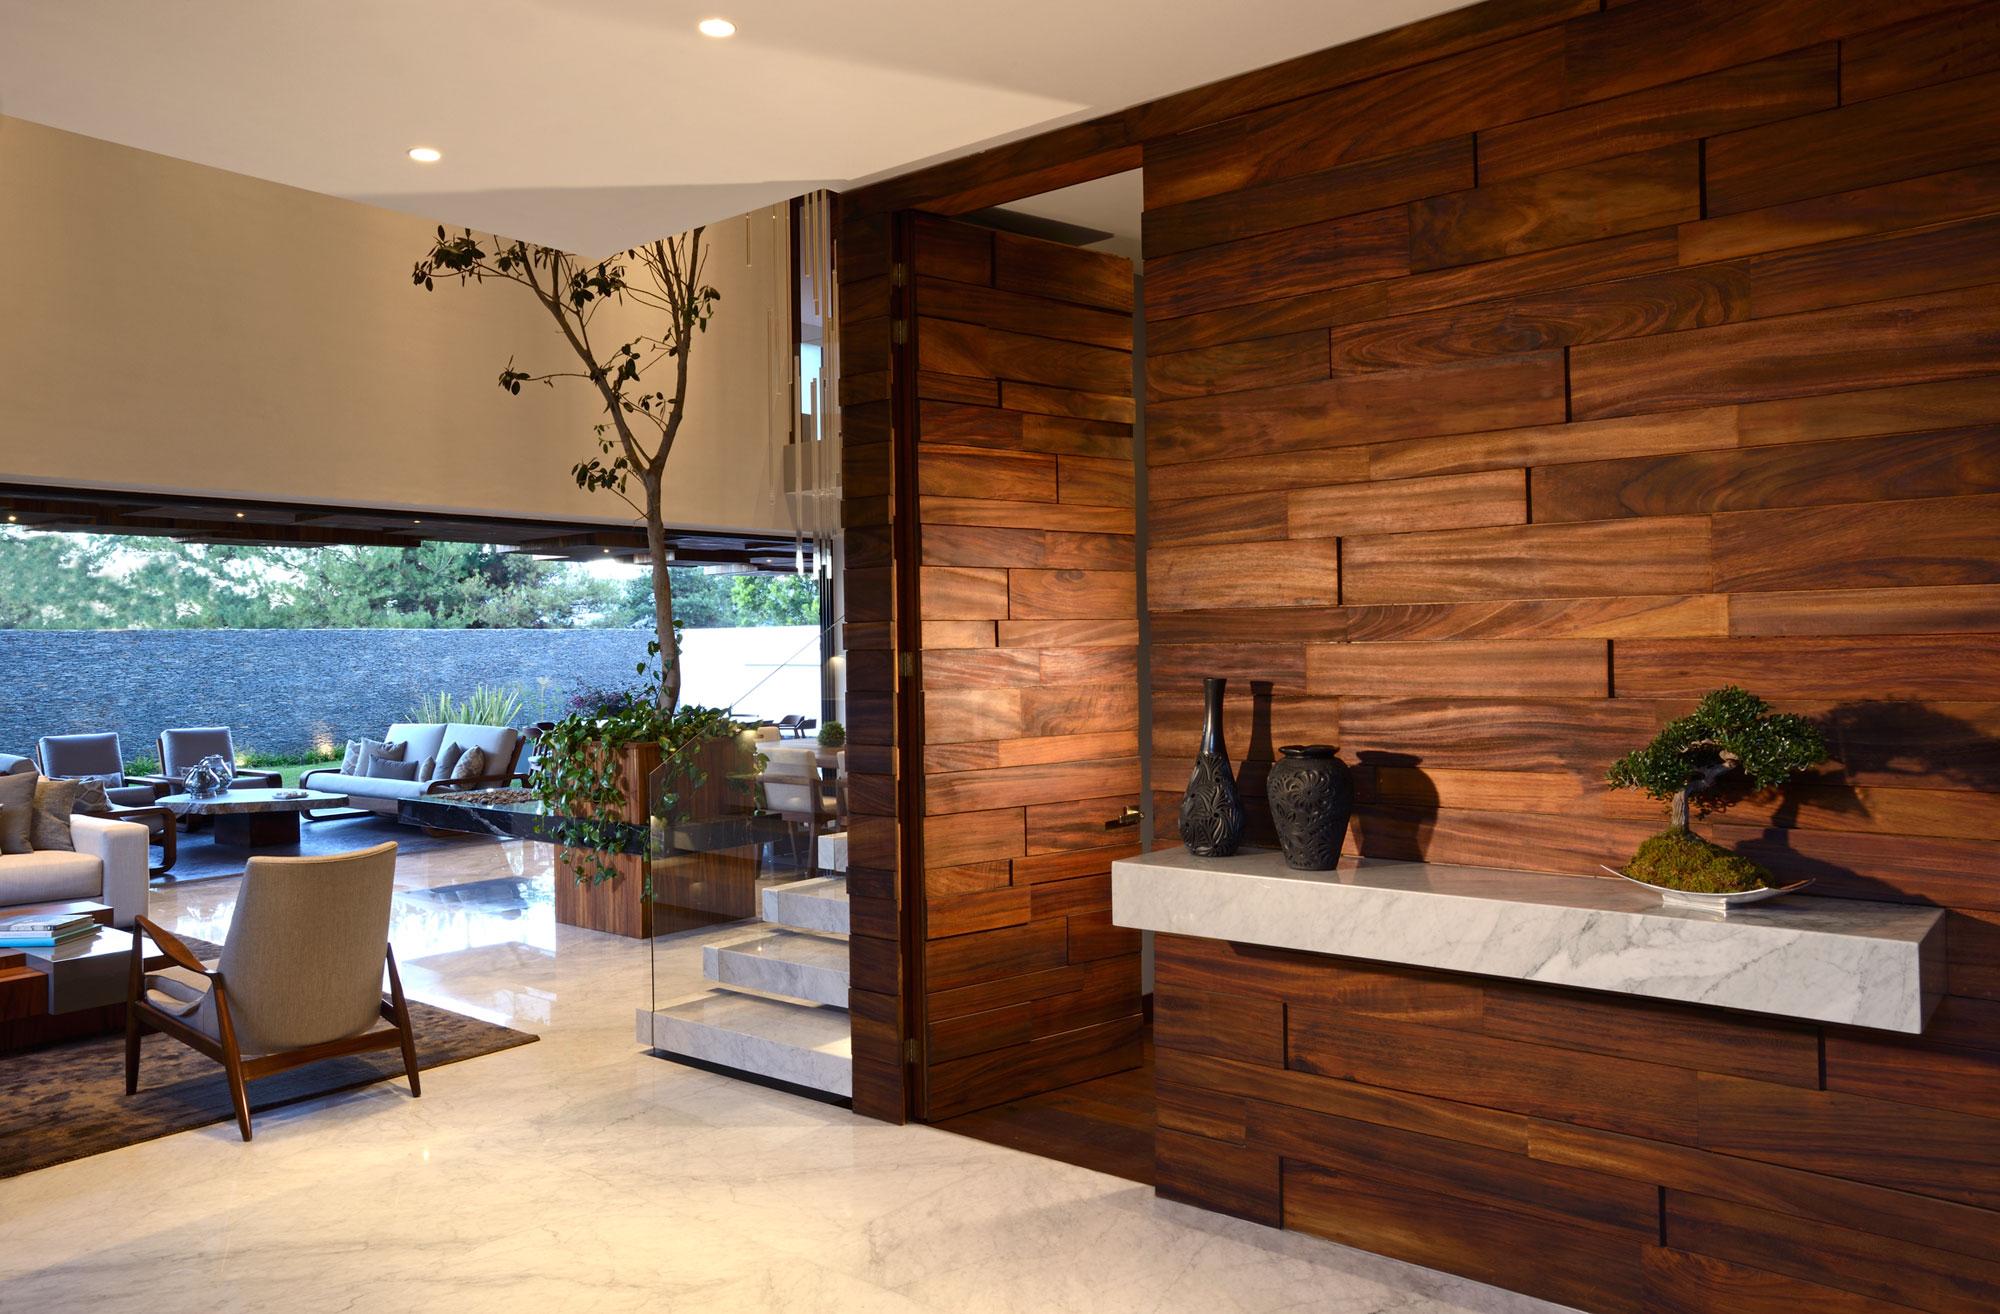 reclaimed wood gebruikt op zowel wand als deur.